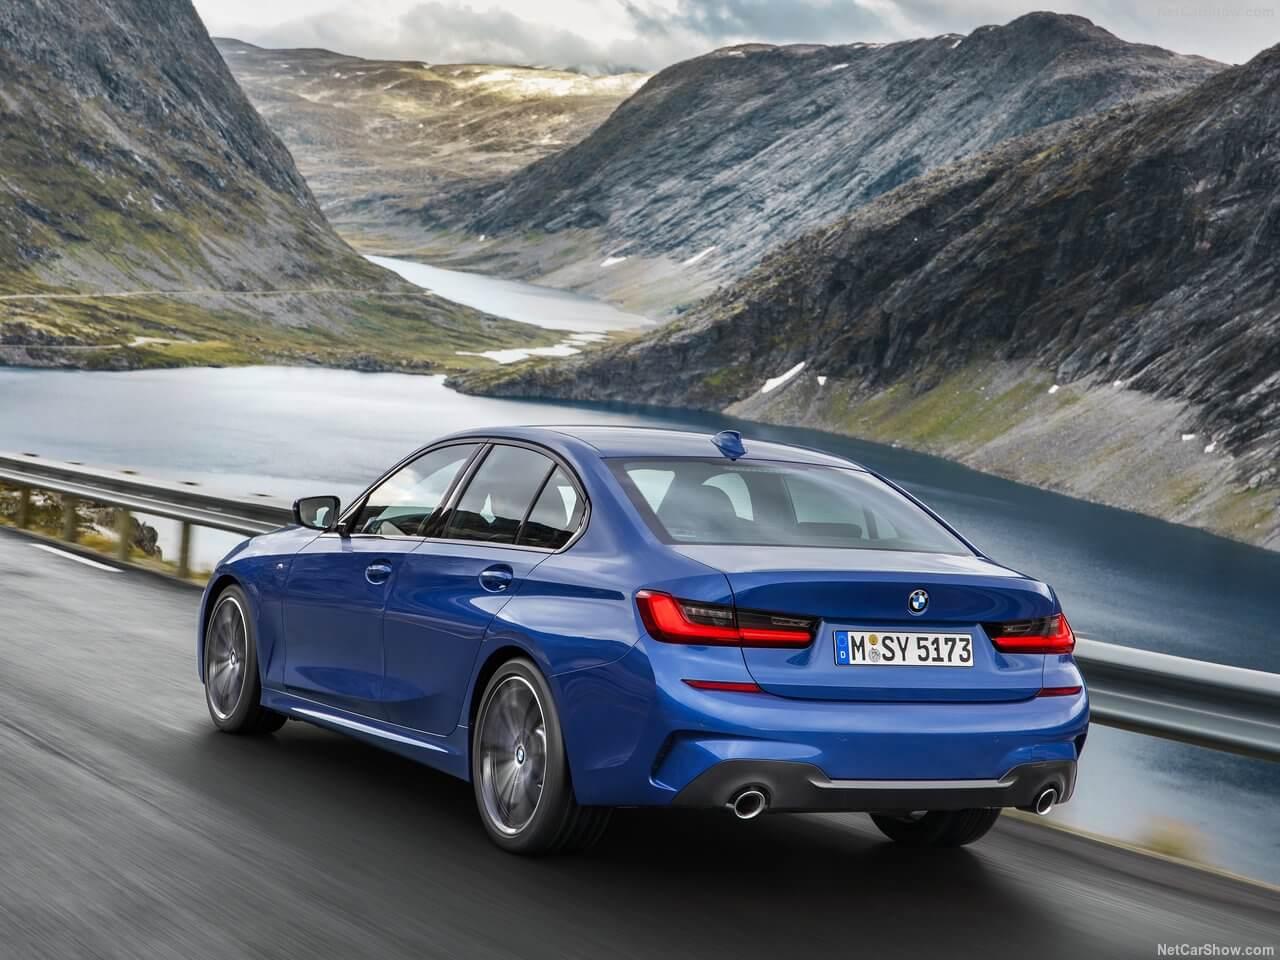 BMW er klar med 7. generation af 3-serien